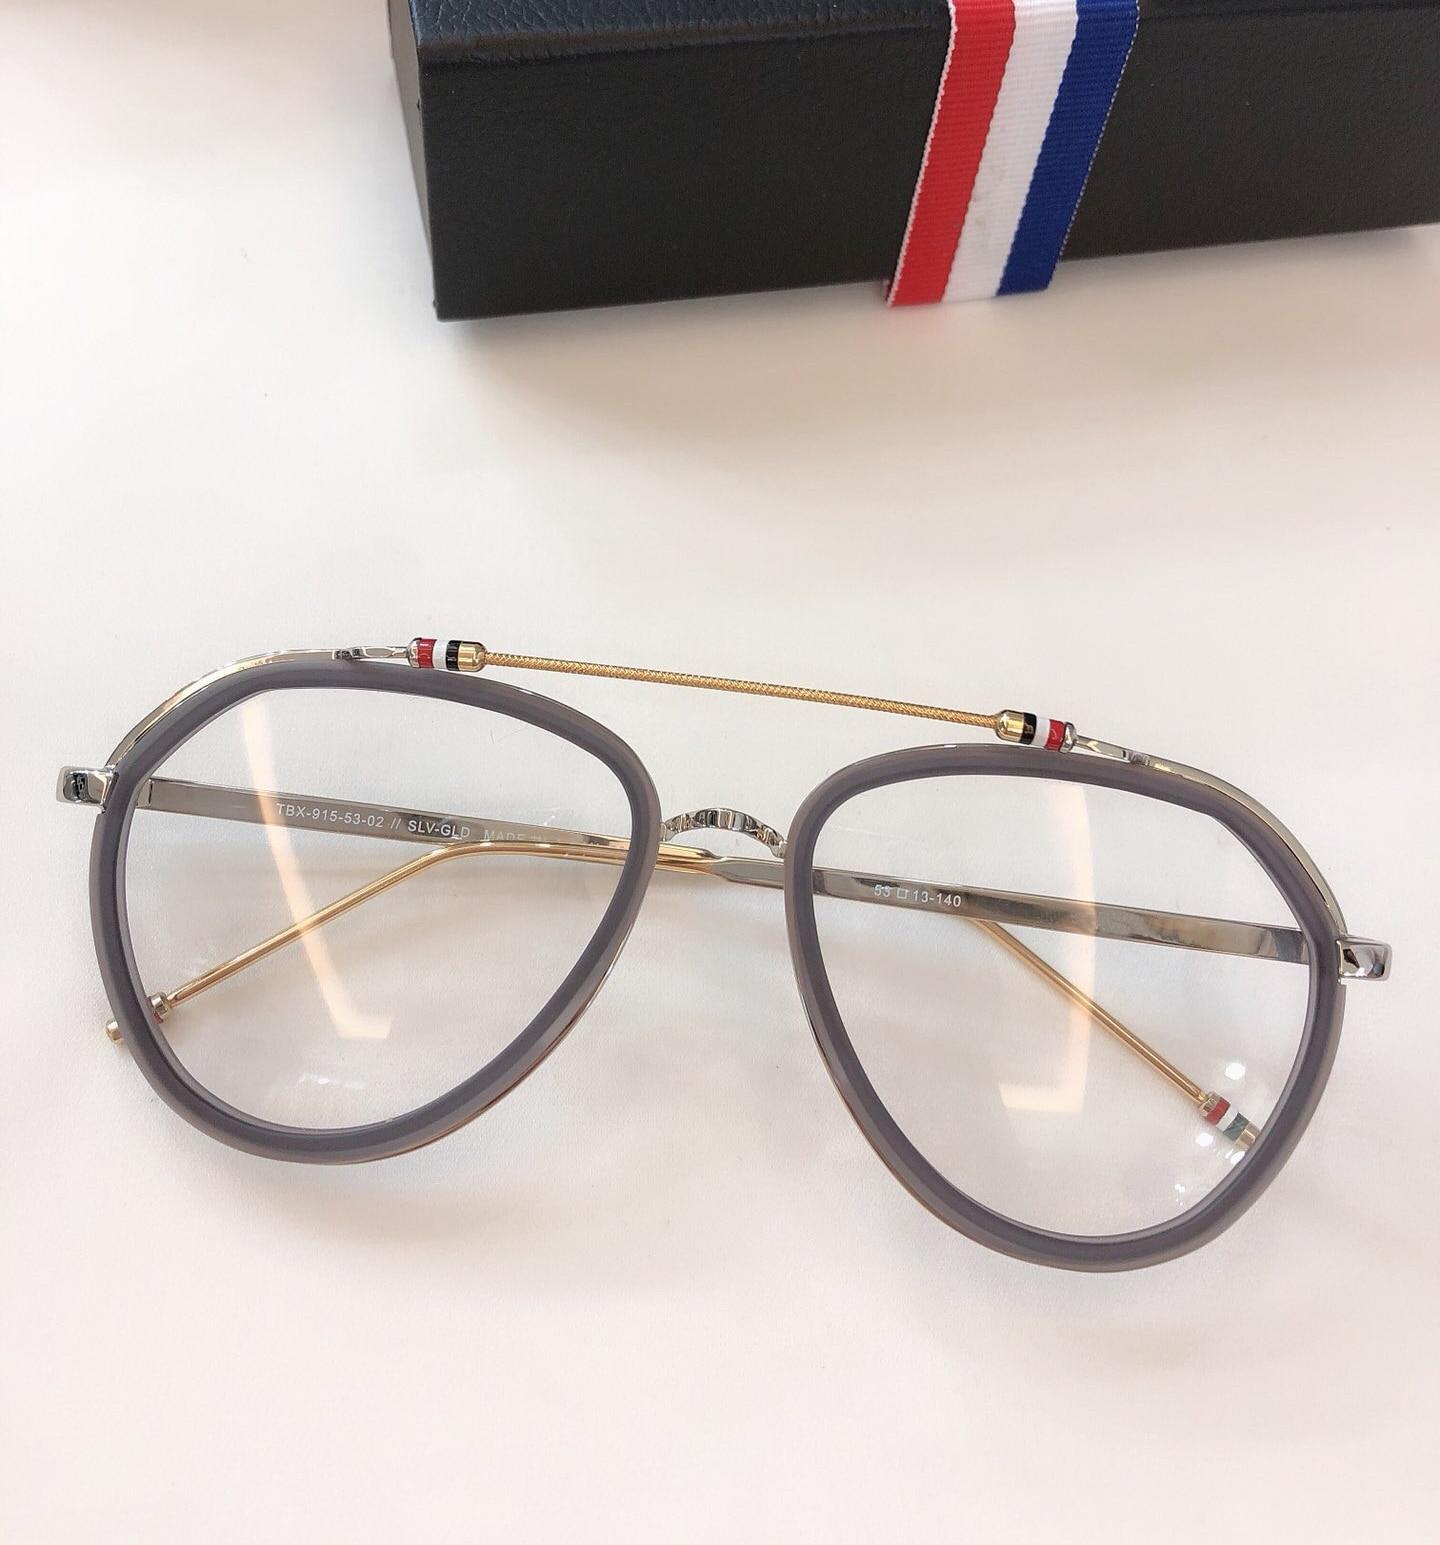 New York Vintage optique thom lunettes cadre hommes femmes ordinateur myopie lunettes de vue lunettes cadre femmes femme avec boîte - 5